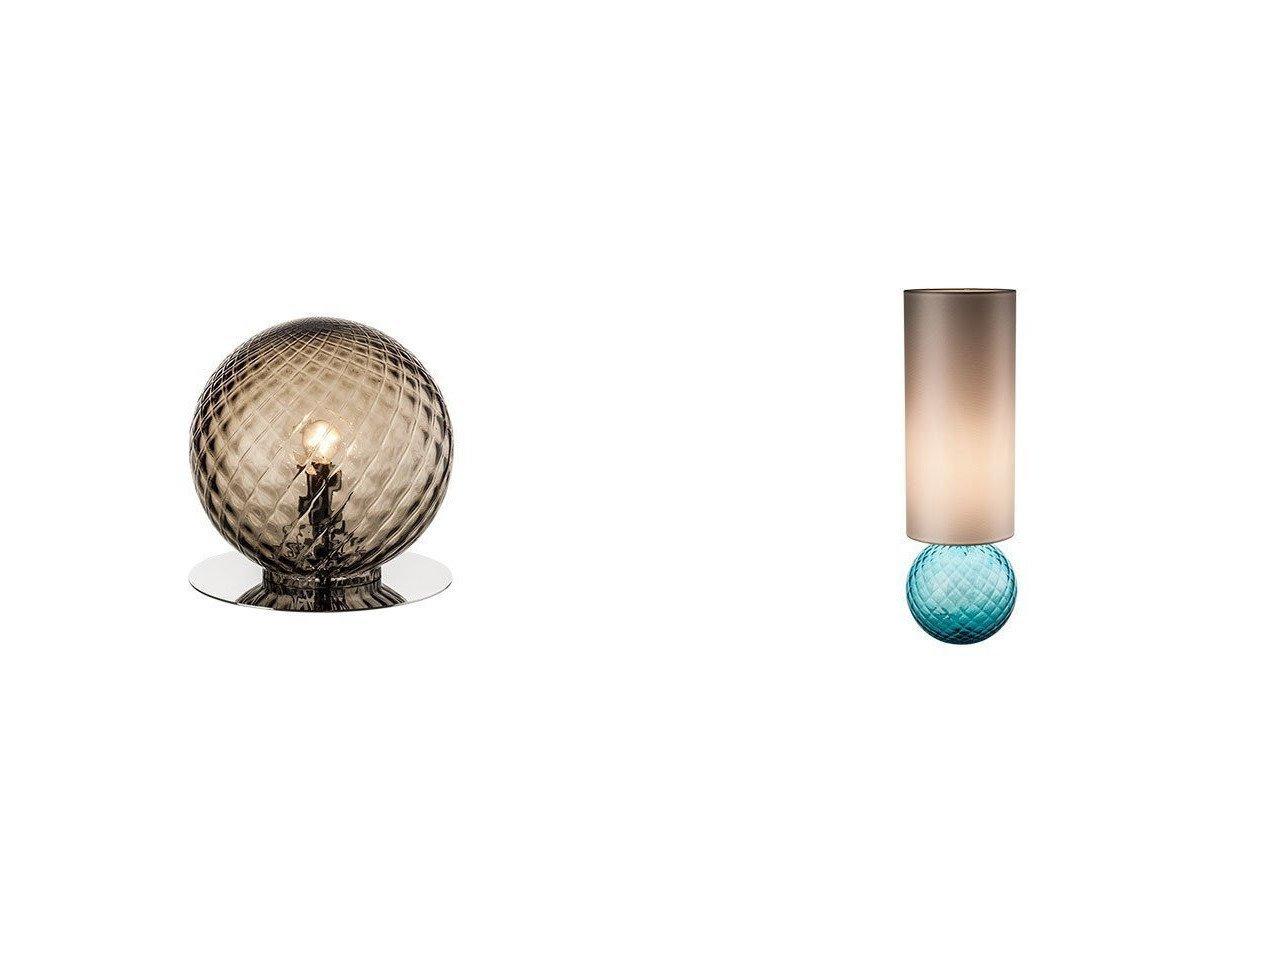 【VENINI/ヴェニーニ】のBALLOTON LAMP 845. バロトン ランプ 845.13&BALLOTON LAMP 845. バルトン ランプ 845.11 【ライト・照明 お家時間 FURNITURE】おすすめ!人気、インテリア雑貨・家具の通販 おすすめで人気の流行・トレンド、ファッションの通販商品 インテリア・家具・メンズファッション・キッズファッション・レディースファッション・服の通販 founy(ファニー) https://founy.com/ イタリア ガラス キルティング クラシック テーブル モダン ワーク 送料無料 Free Shipping ホーム・キャンプ・アウトドア Home,Garden,Outdoor,Camping Gear 家具・インテリア Furniture ライト・照明 Lighting & Light Fixtures |ID:crp329100000054410